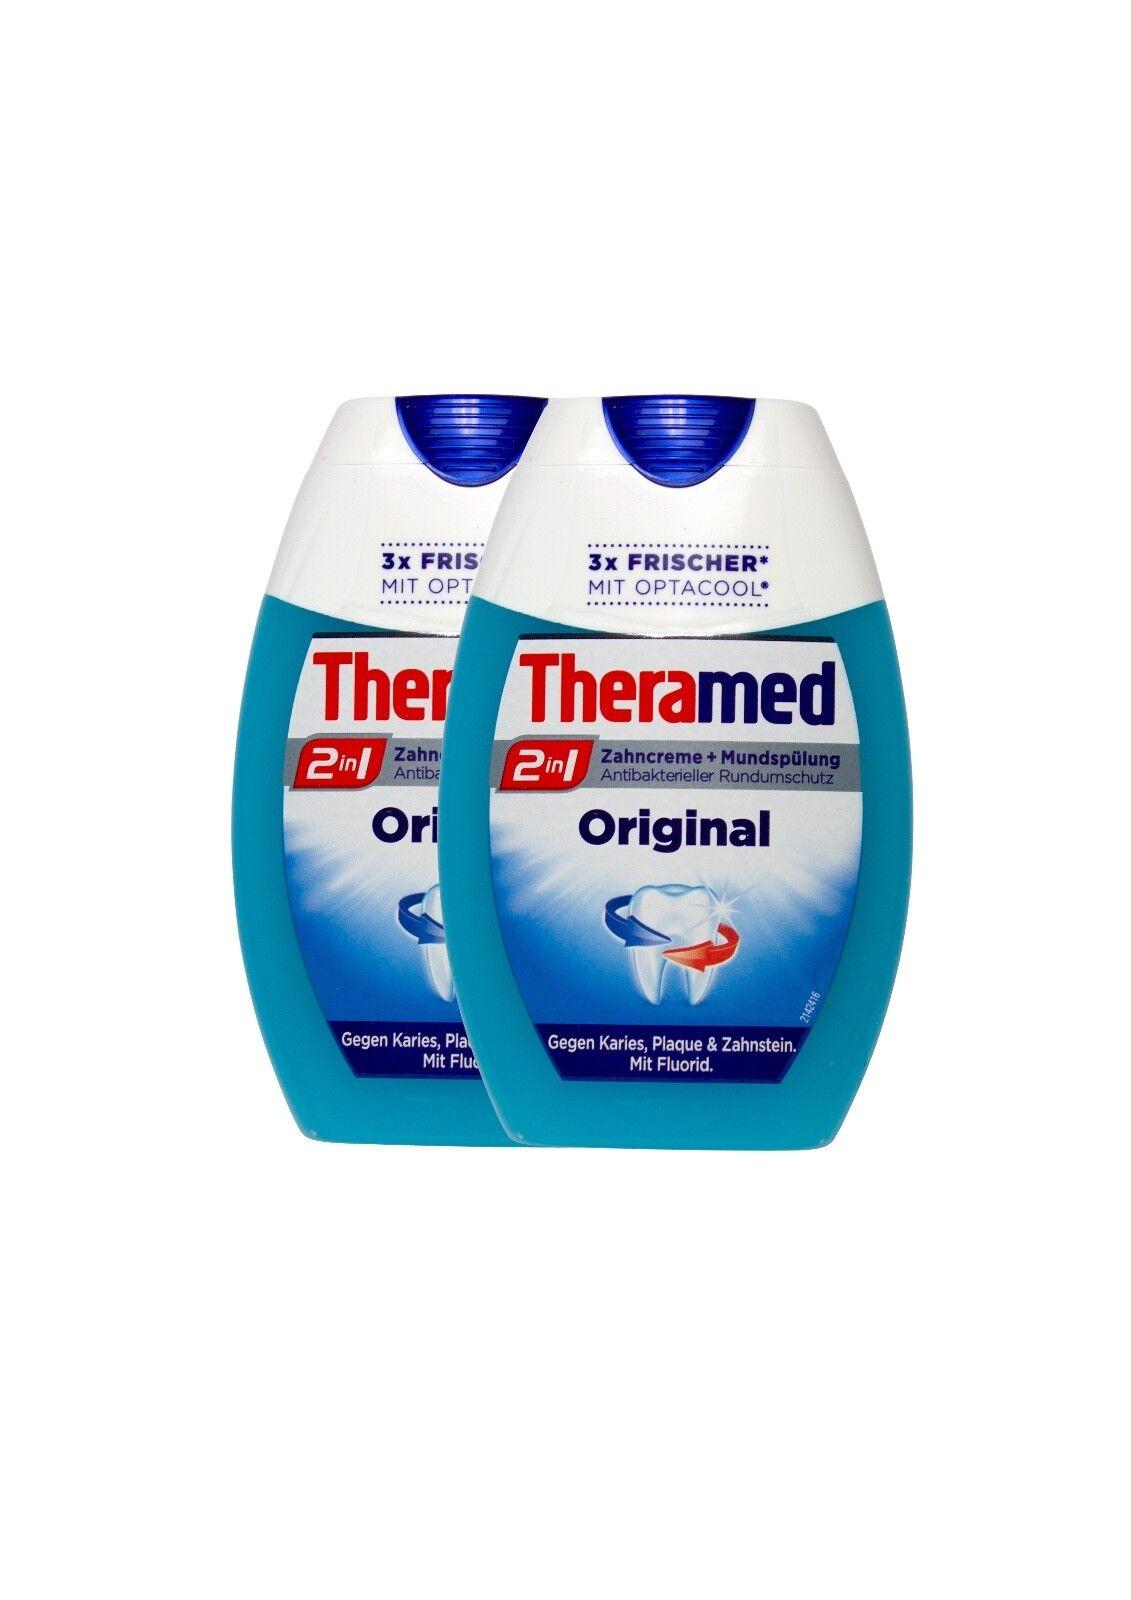 2x Theramed Zahncreme + Mundspülung 2in1 Original mit Optacool und Fluorid